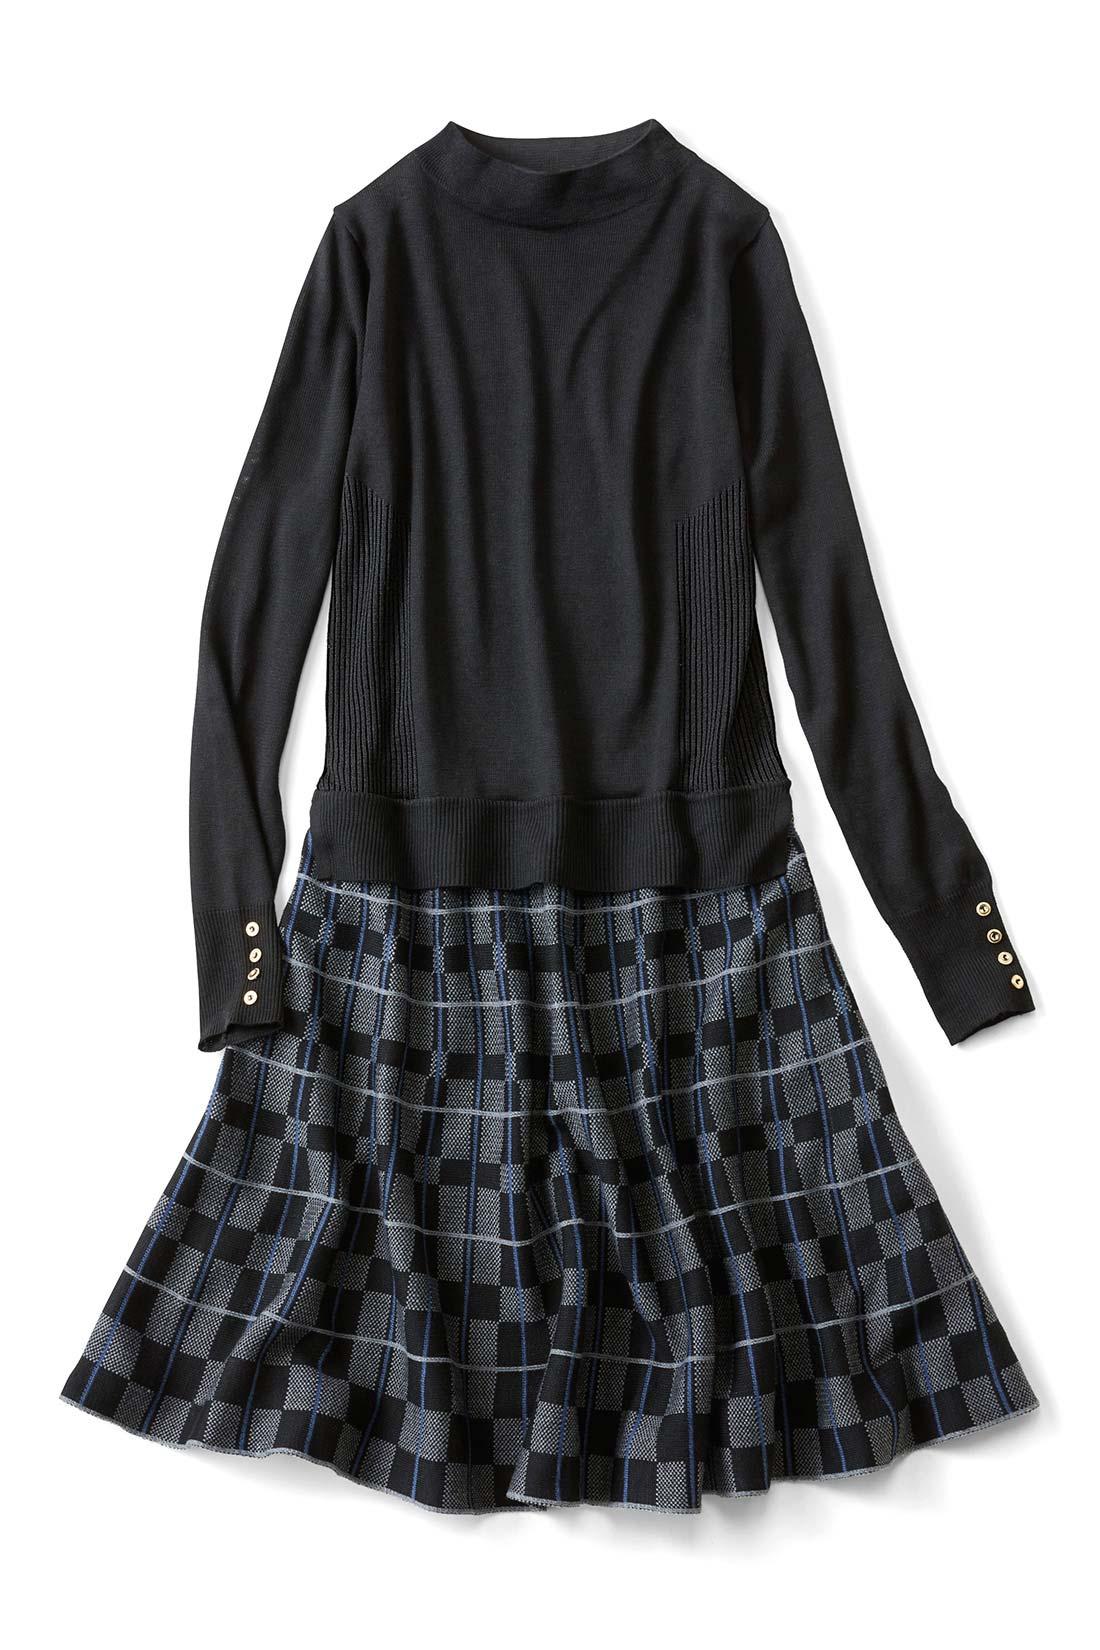 知的シックな〈ブラック〉 スカートは一枚仕立てで、ふんわり360°広がる美シルエット。サイドはリブですっきり見せ効果も。